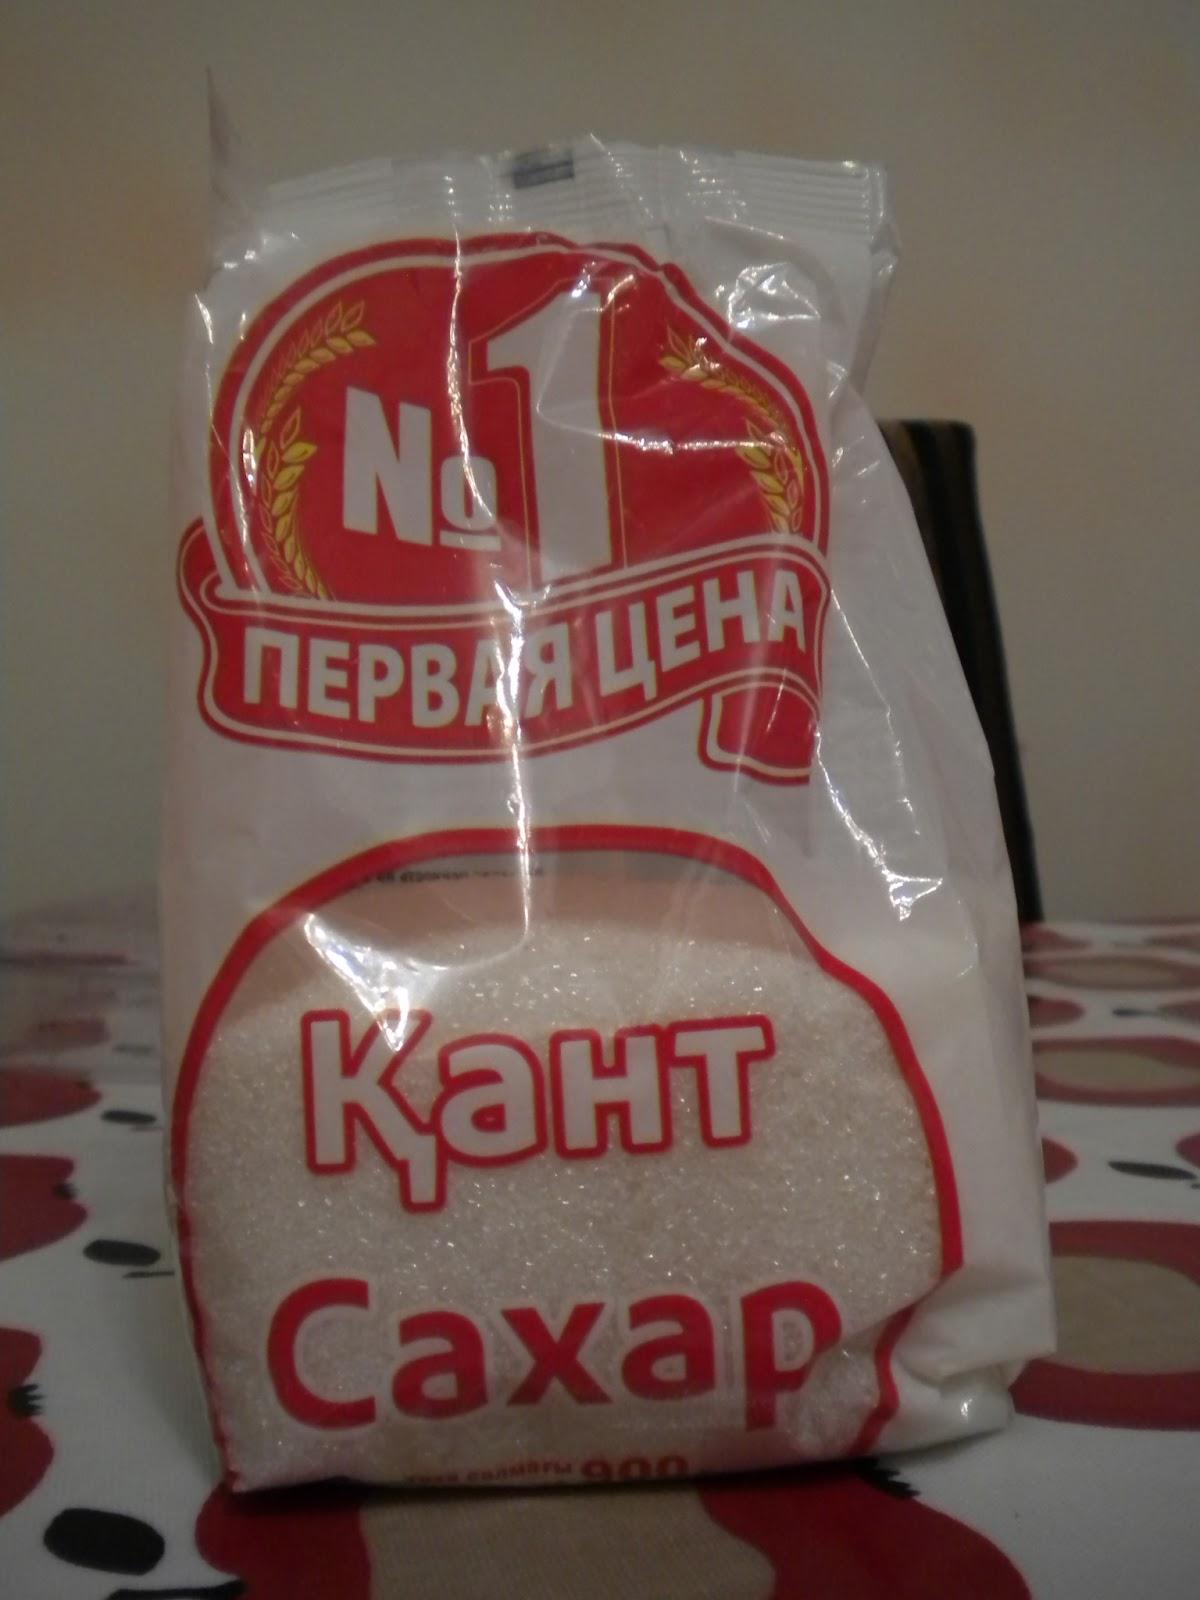 Kazakh Sugar